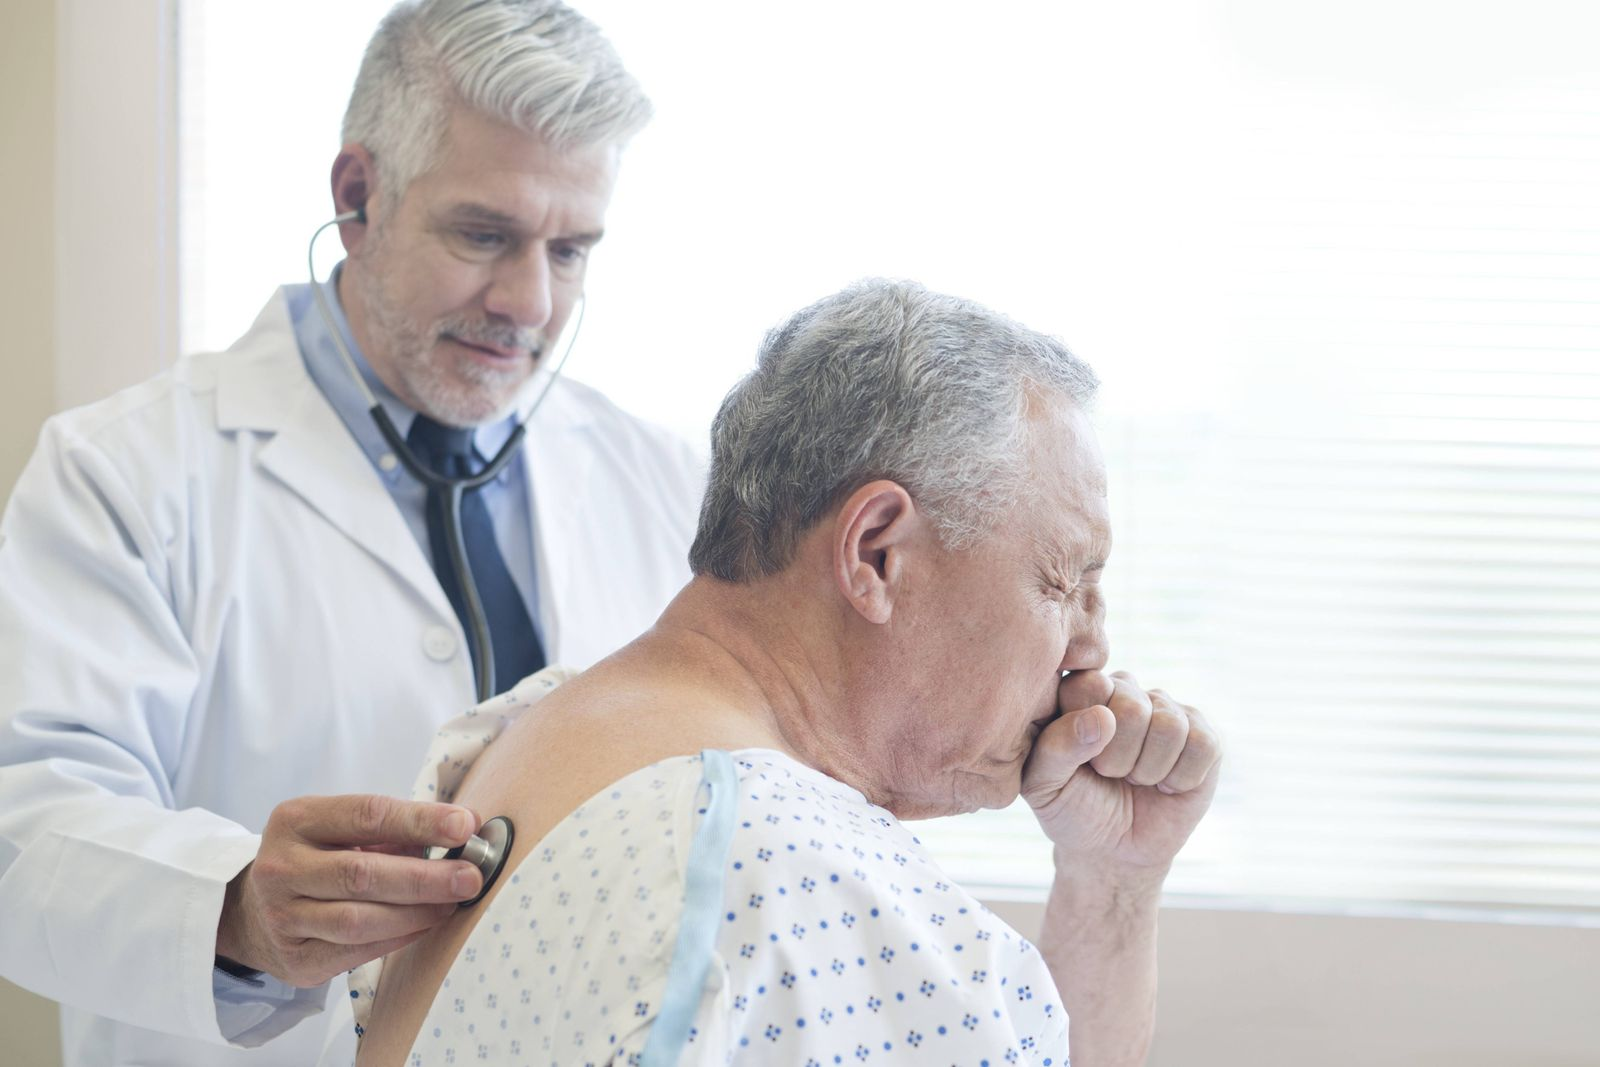 AUFMACHER EINMALIGE VERWENDUG Male doctor examining patient in hospital